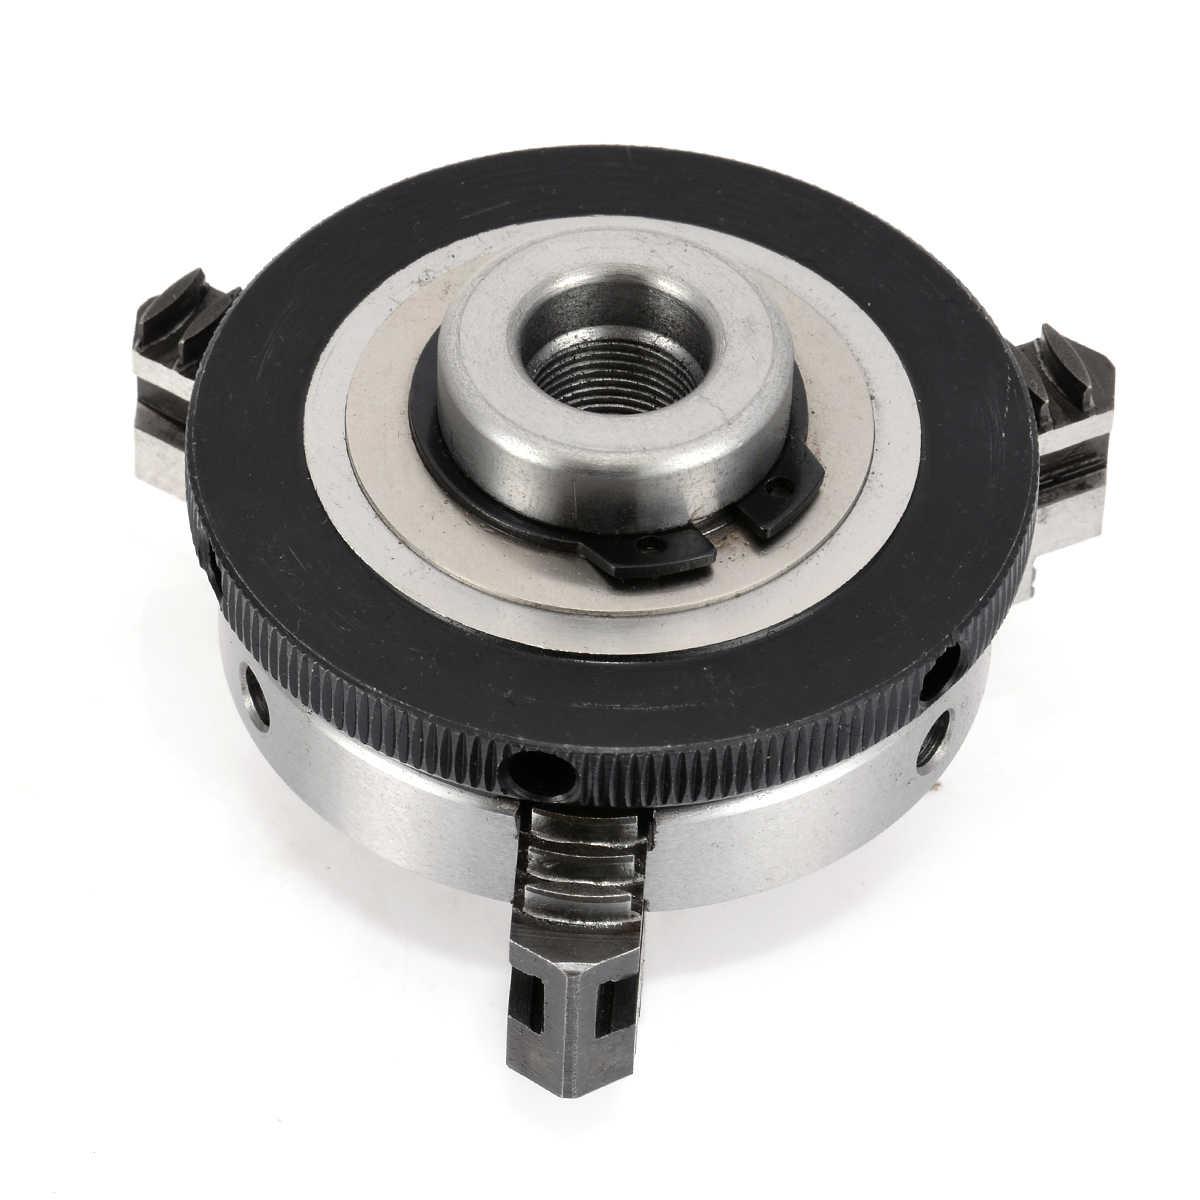 1 sztuk 63mm 3 uchwyt szczękowy 2.5 cal Mini tokarka metalowa uchwyty z 2 sztuk blokady pręty do obróbki metali akcesoria do maszyn narzędzie